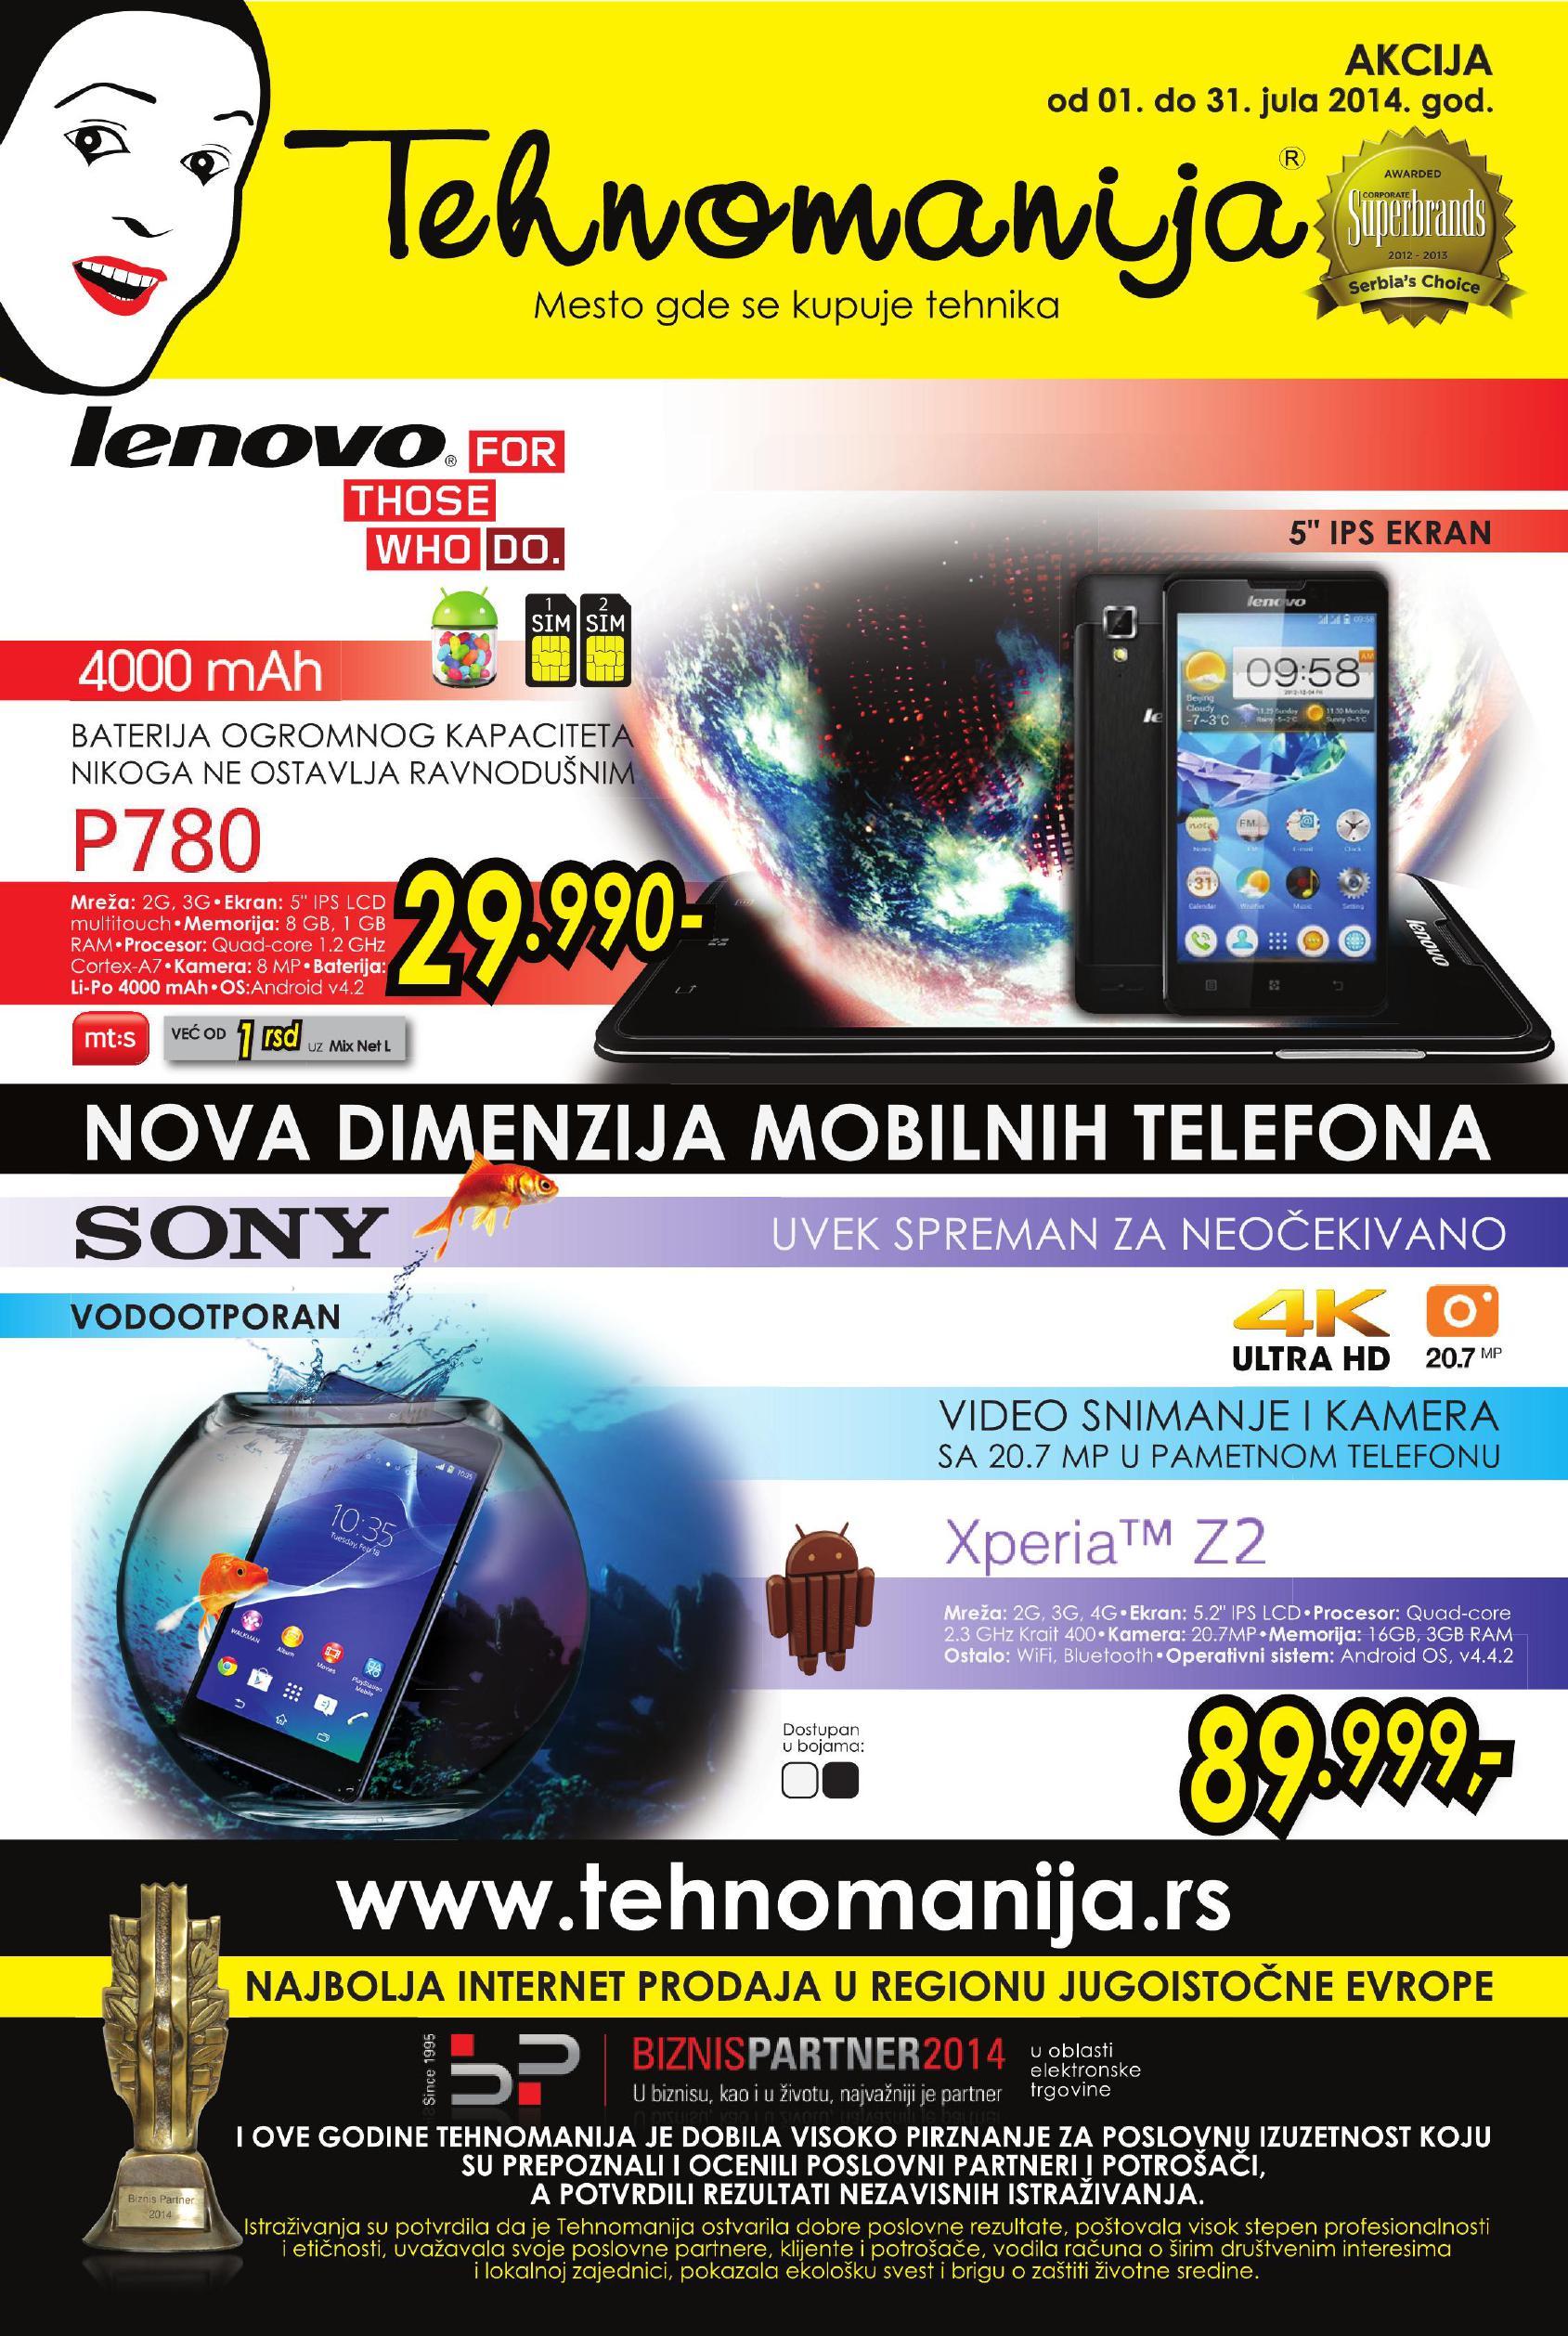 Tehnomanija akcija mobilni telefoni i oprema